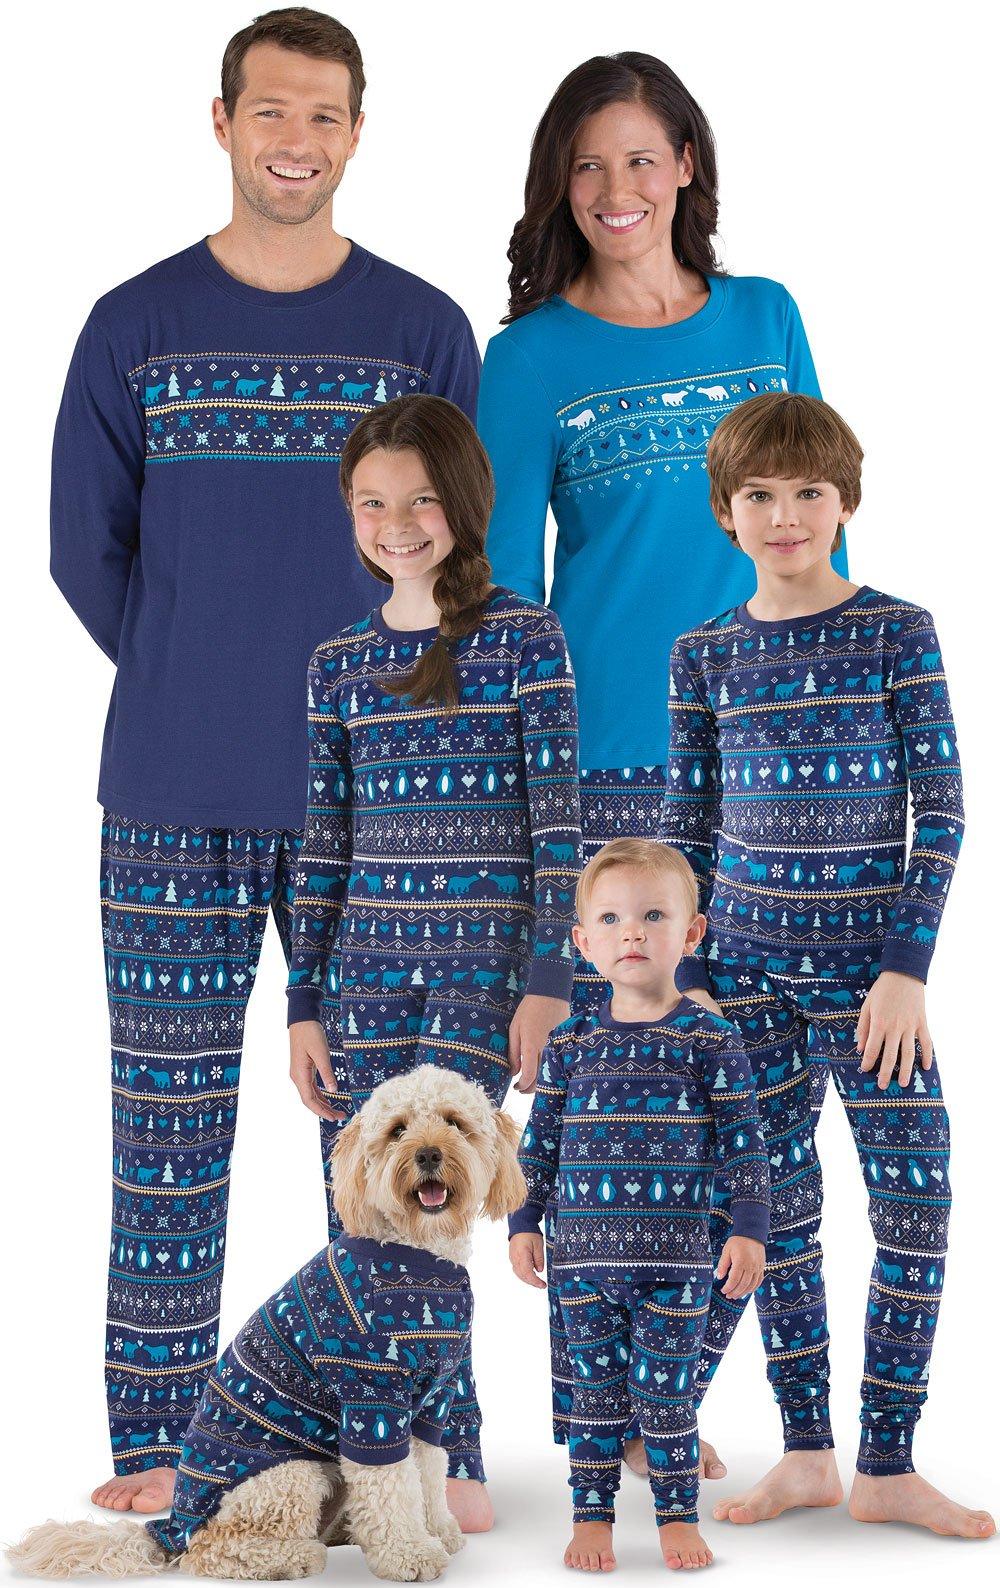 82b131f624 PajamaGram Family Holiday Pajamas Cotton - Peace On Earth, Navy, Kids, 14